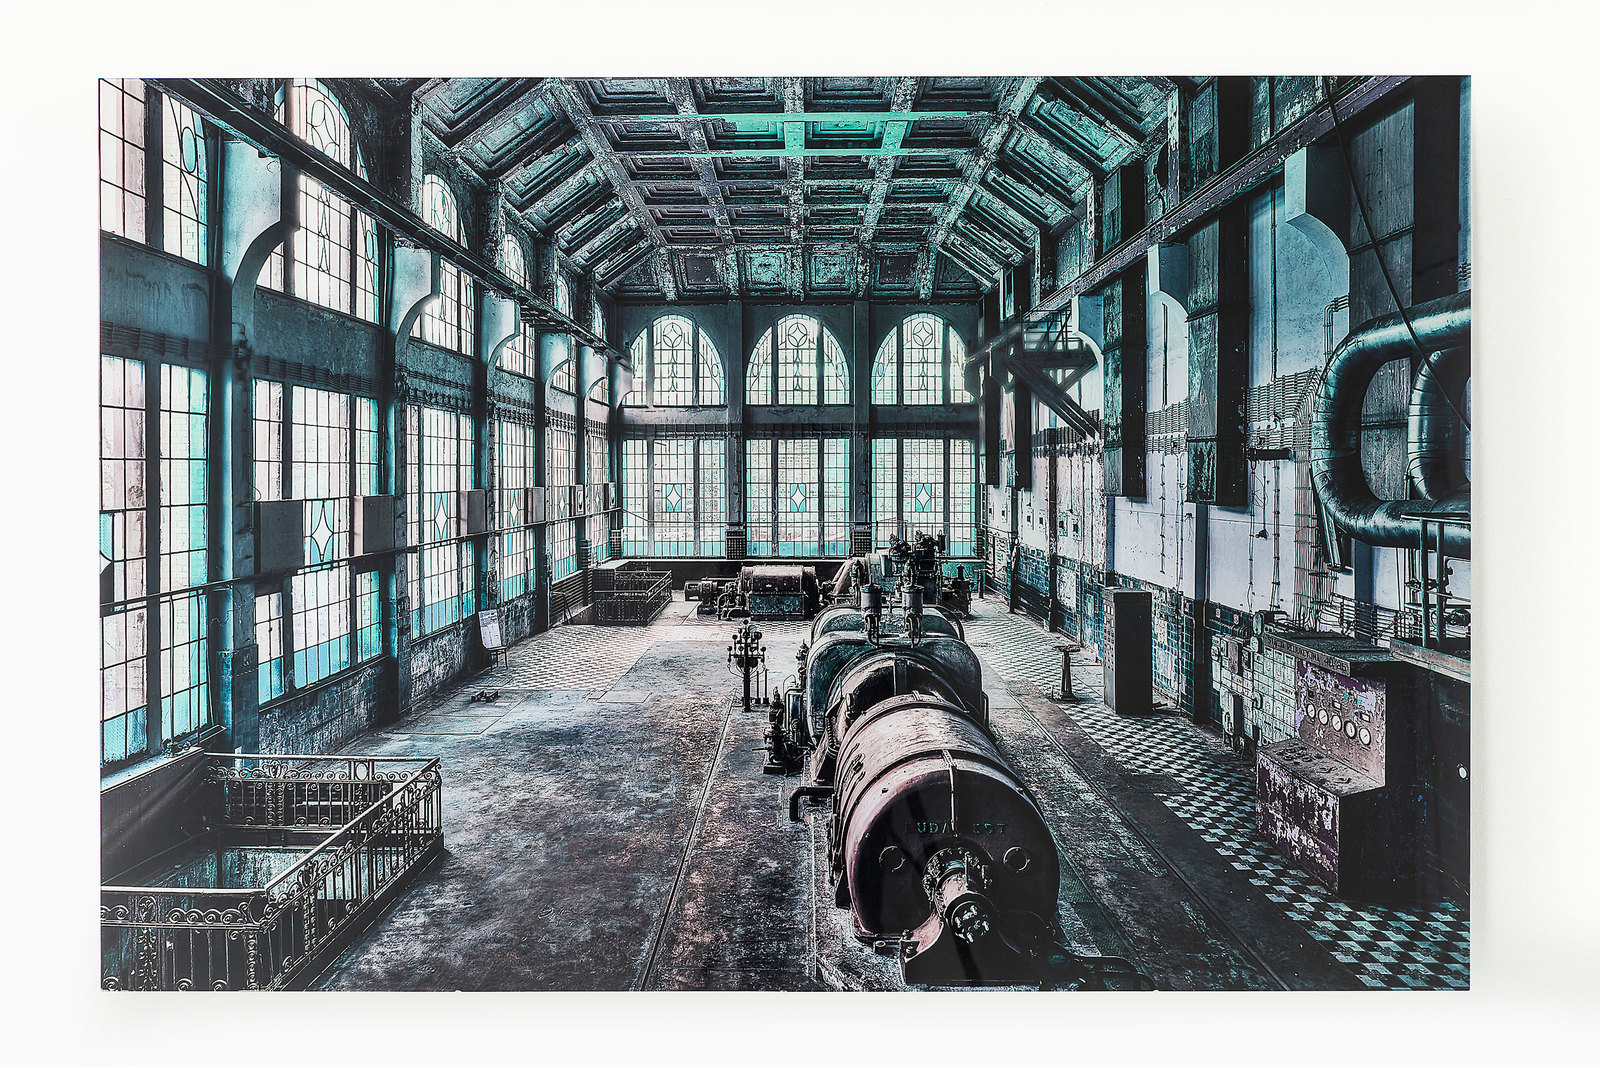 kare design glasbild factory hall online entdecken | schaffrath ... - Kare Design Wohnzimmer